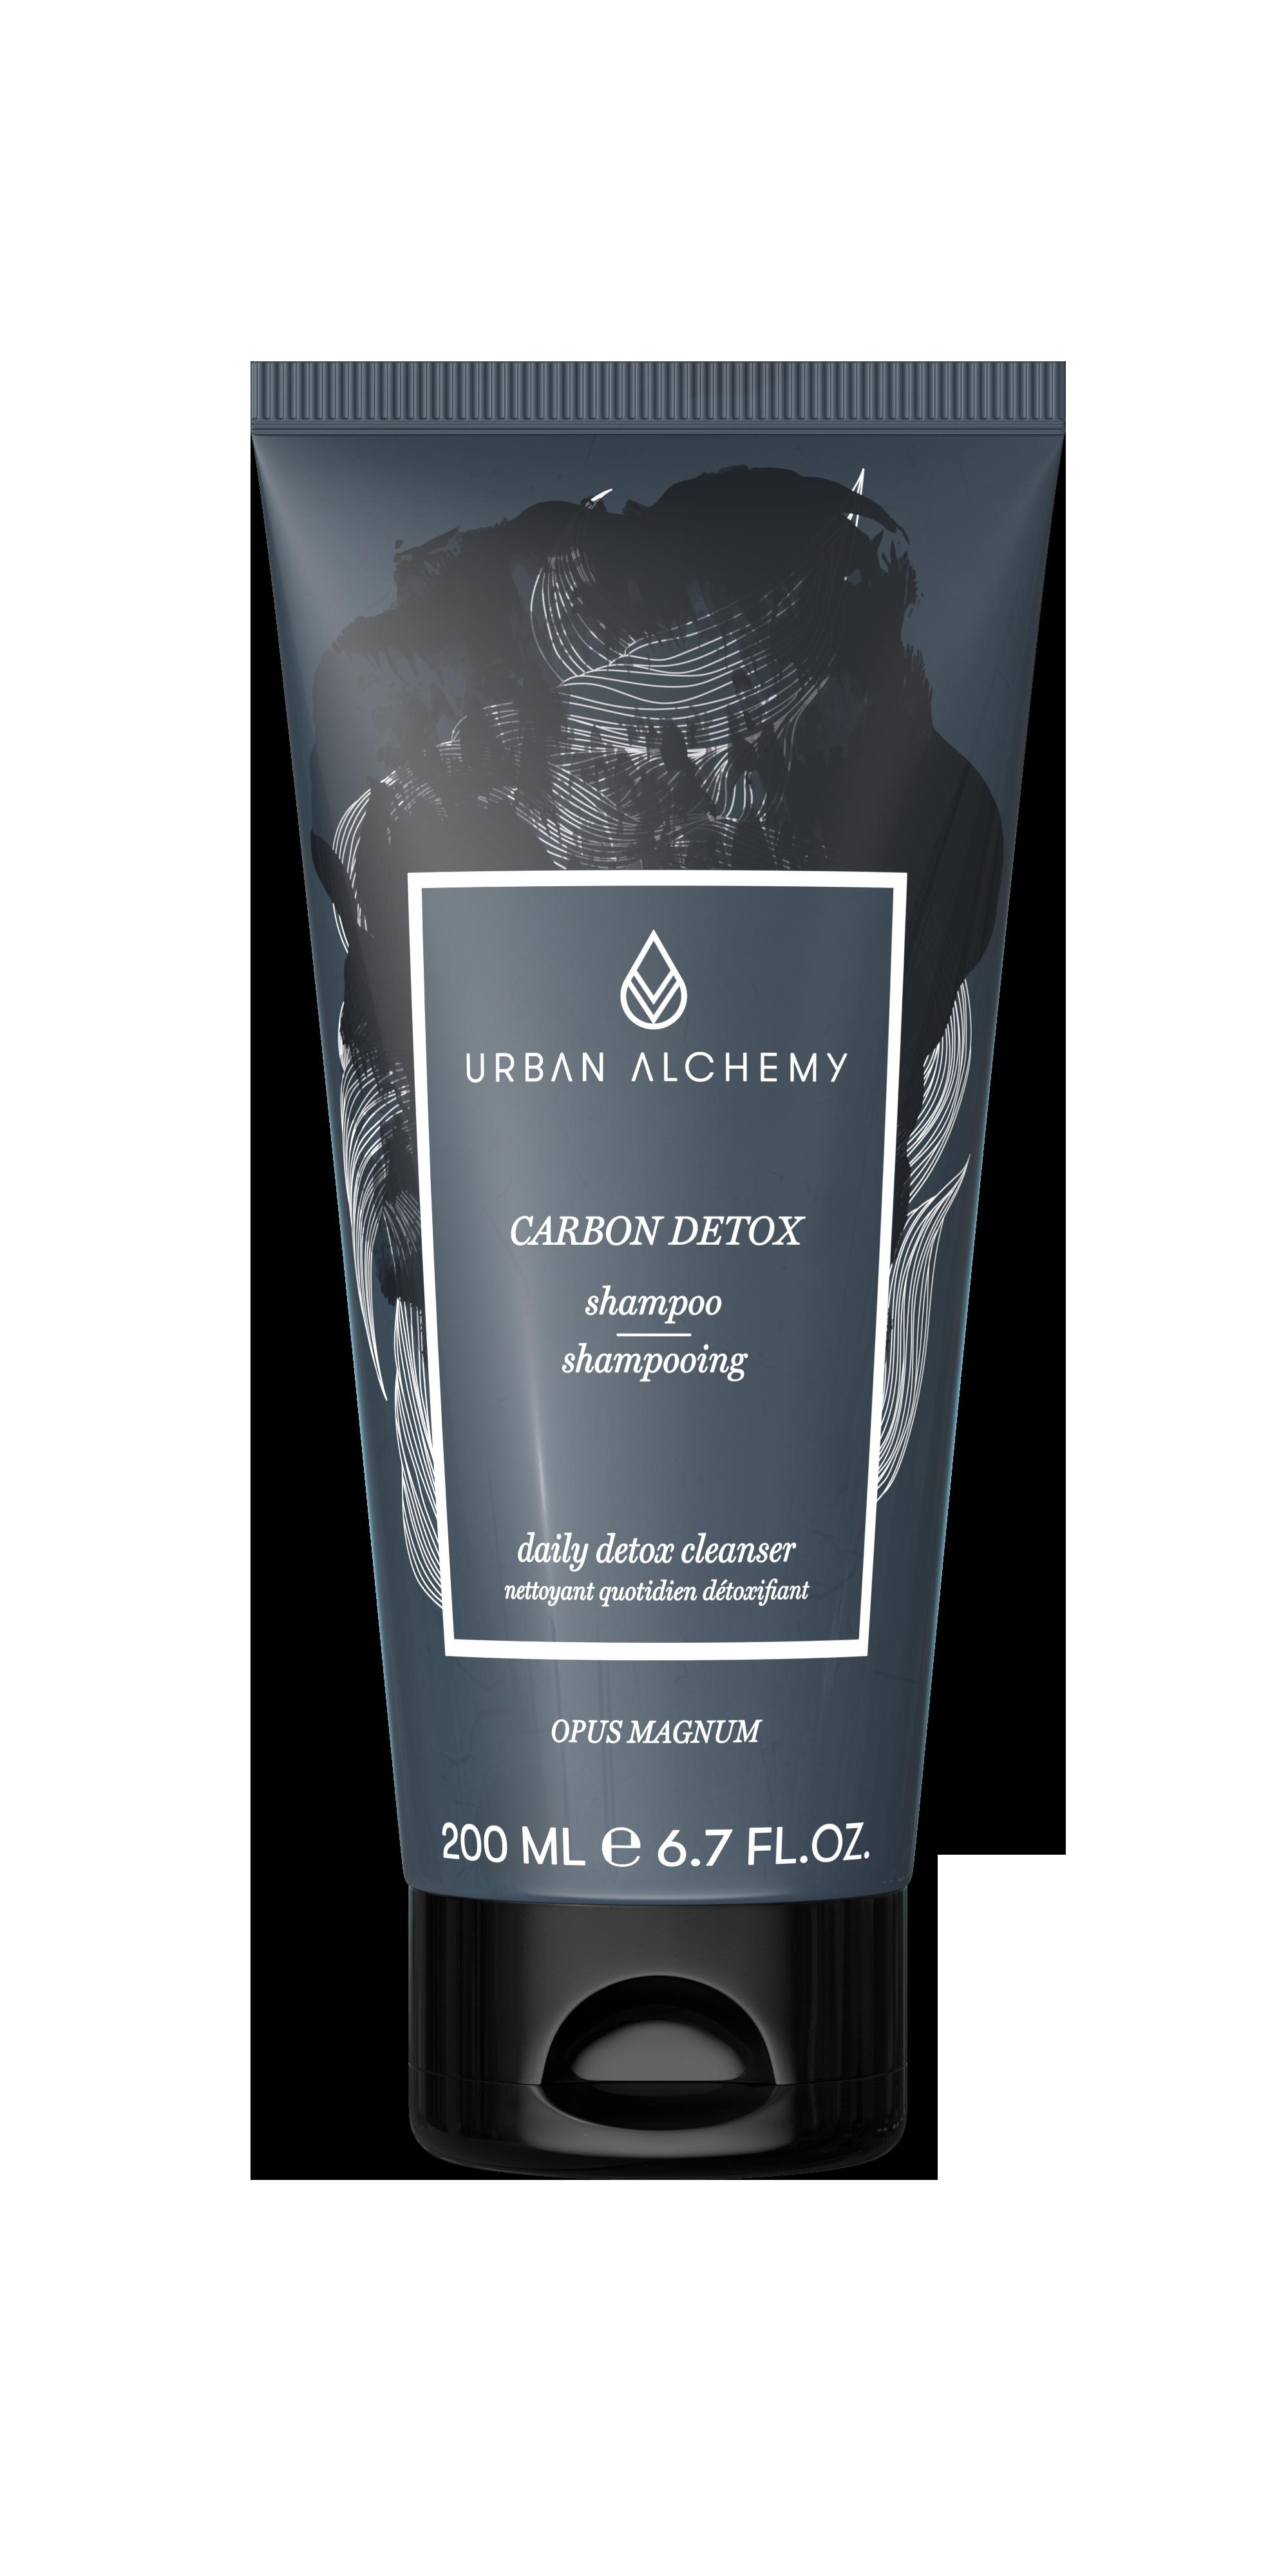 OPUS MAGNUM Carbon Detox Shampoo